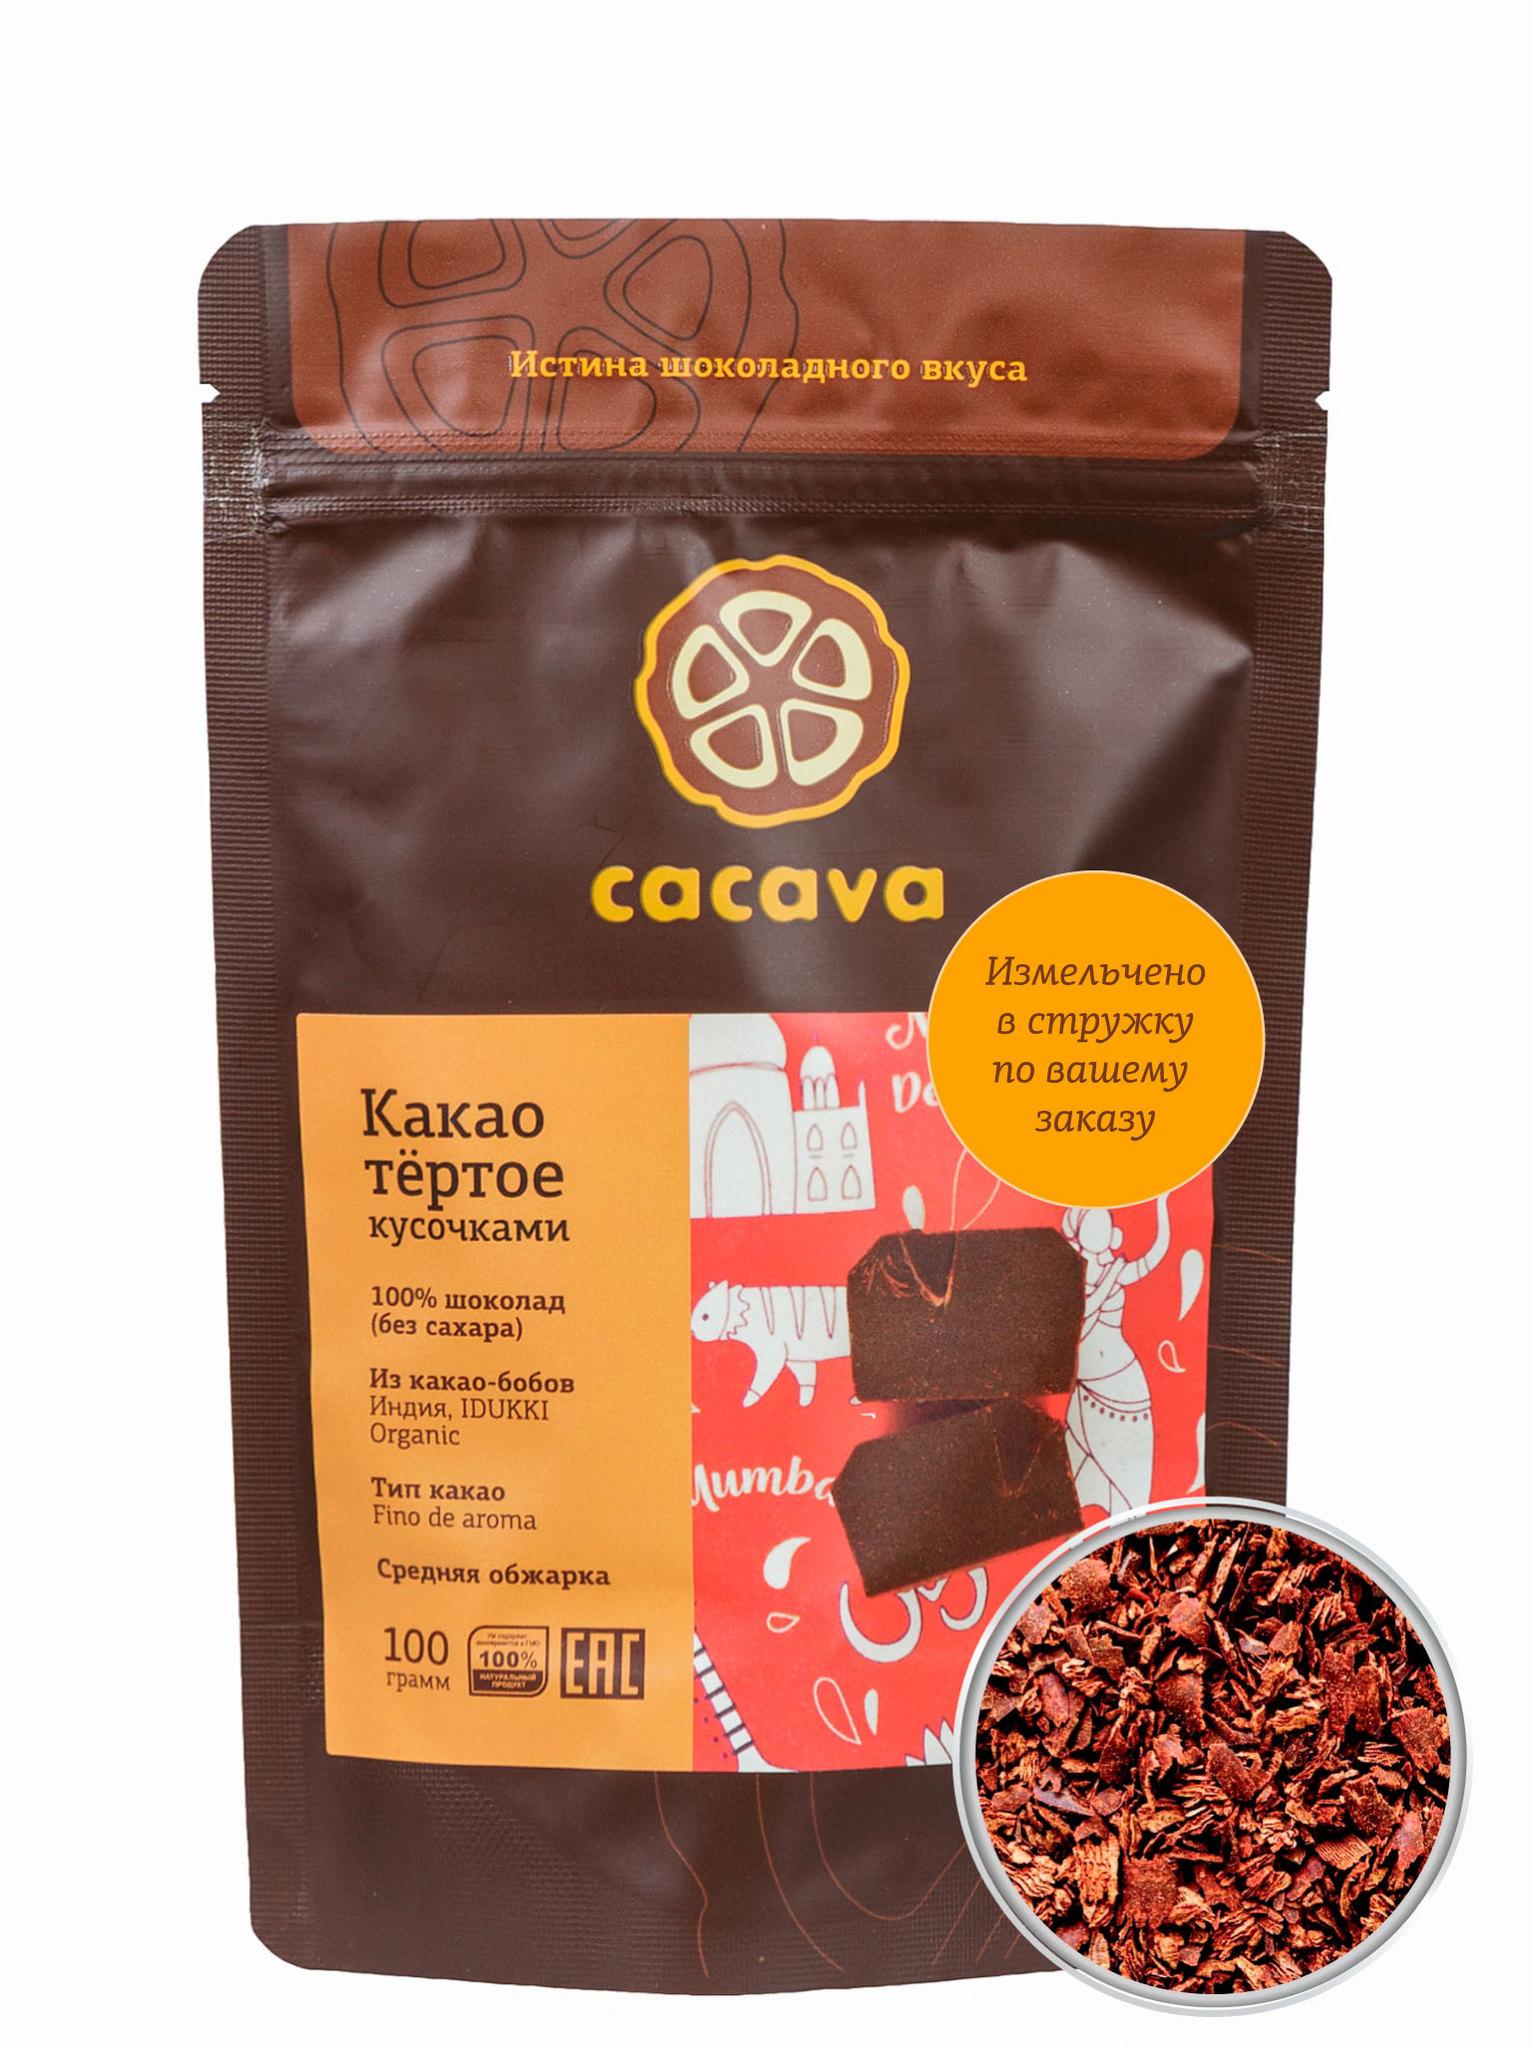 Какао тёртое в стружке (Индия, IDUKKI), упаковка 100 грамм